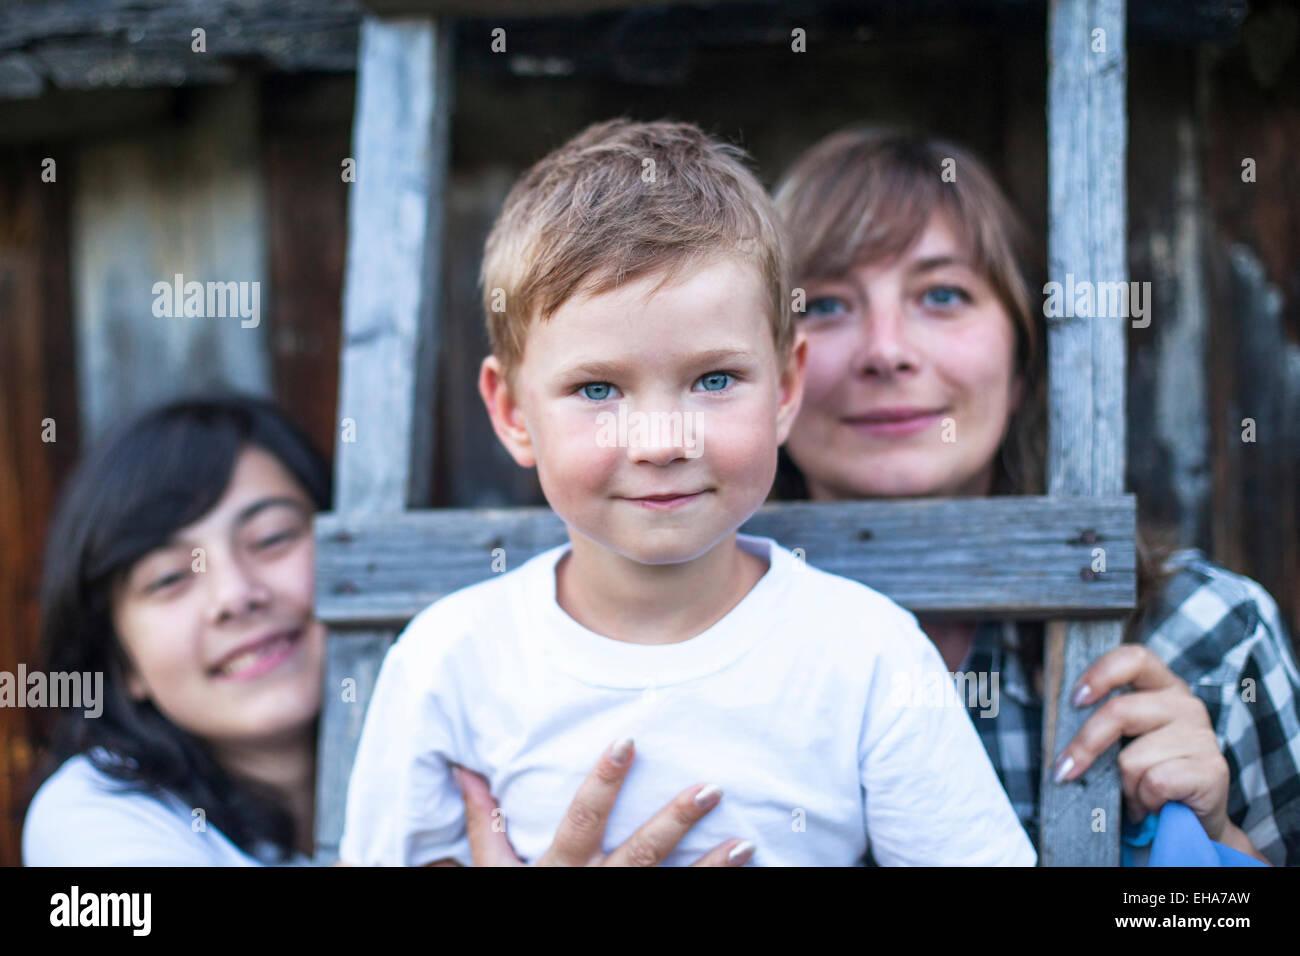 Familia feliz al aire libre, un niñito en primer plano. Imagen De Stock